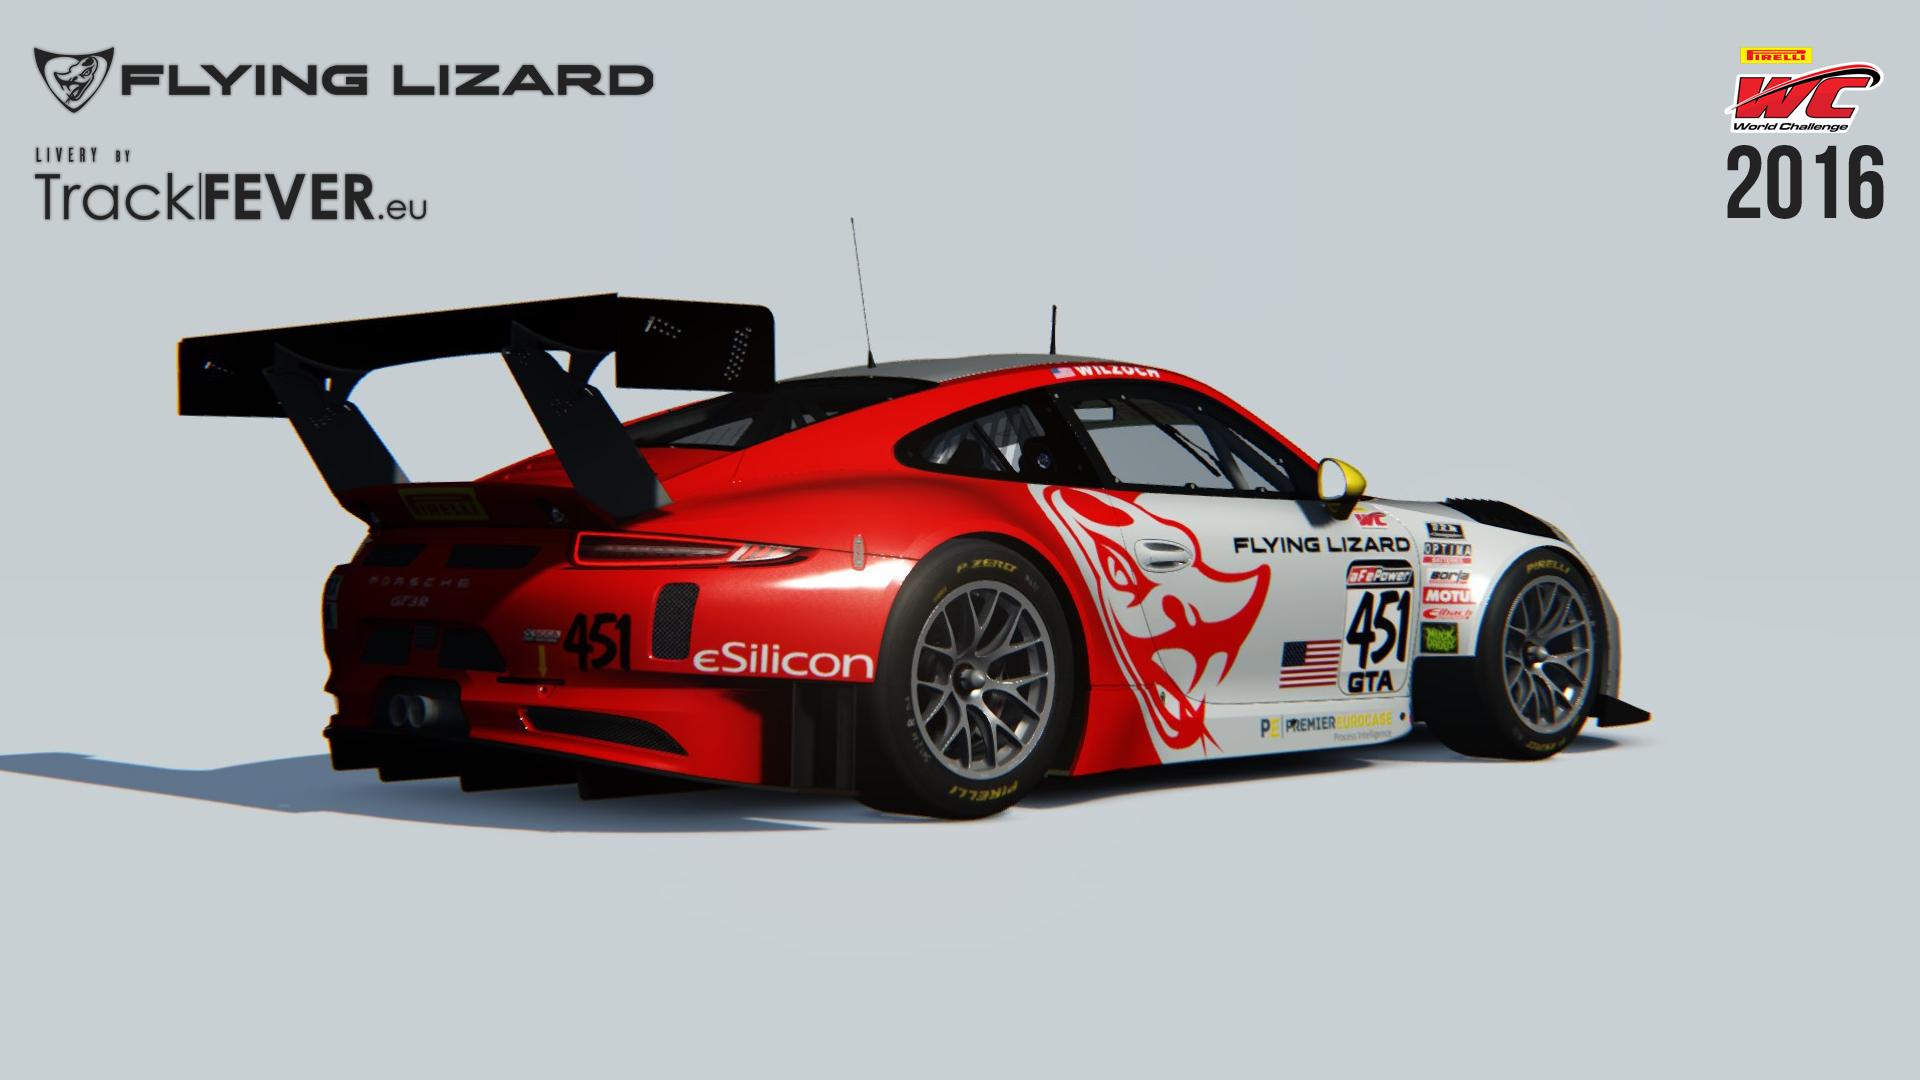 Porsche_Flying_Lizard_451_2.jpg